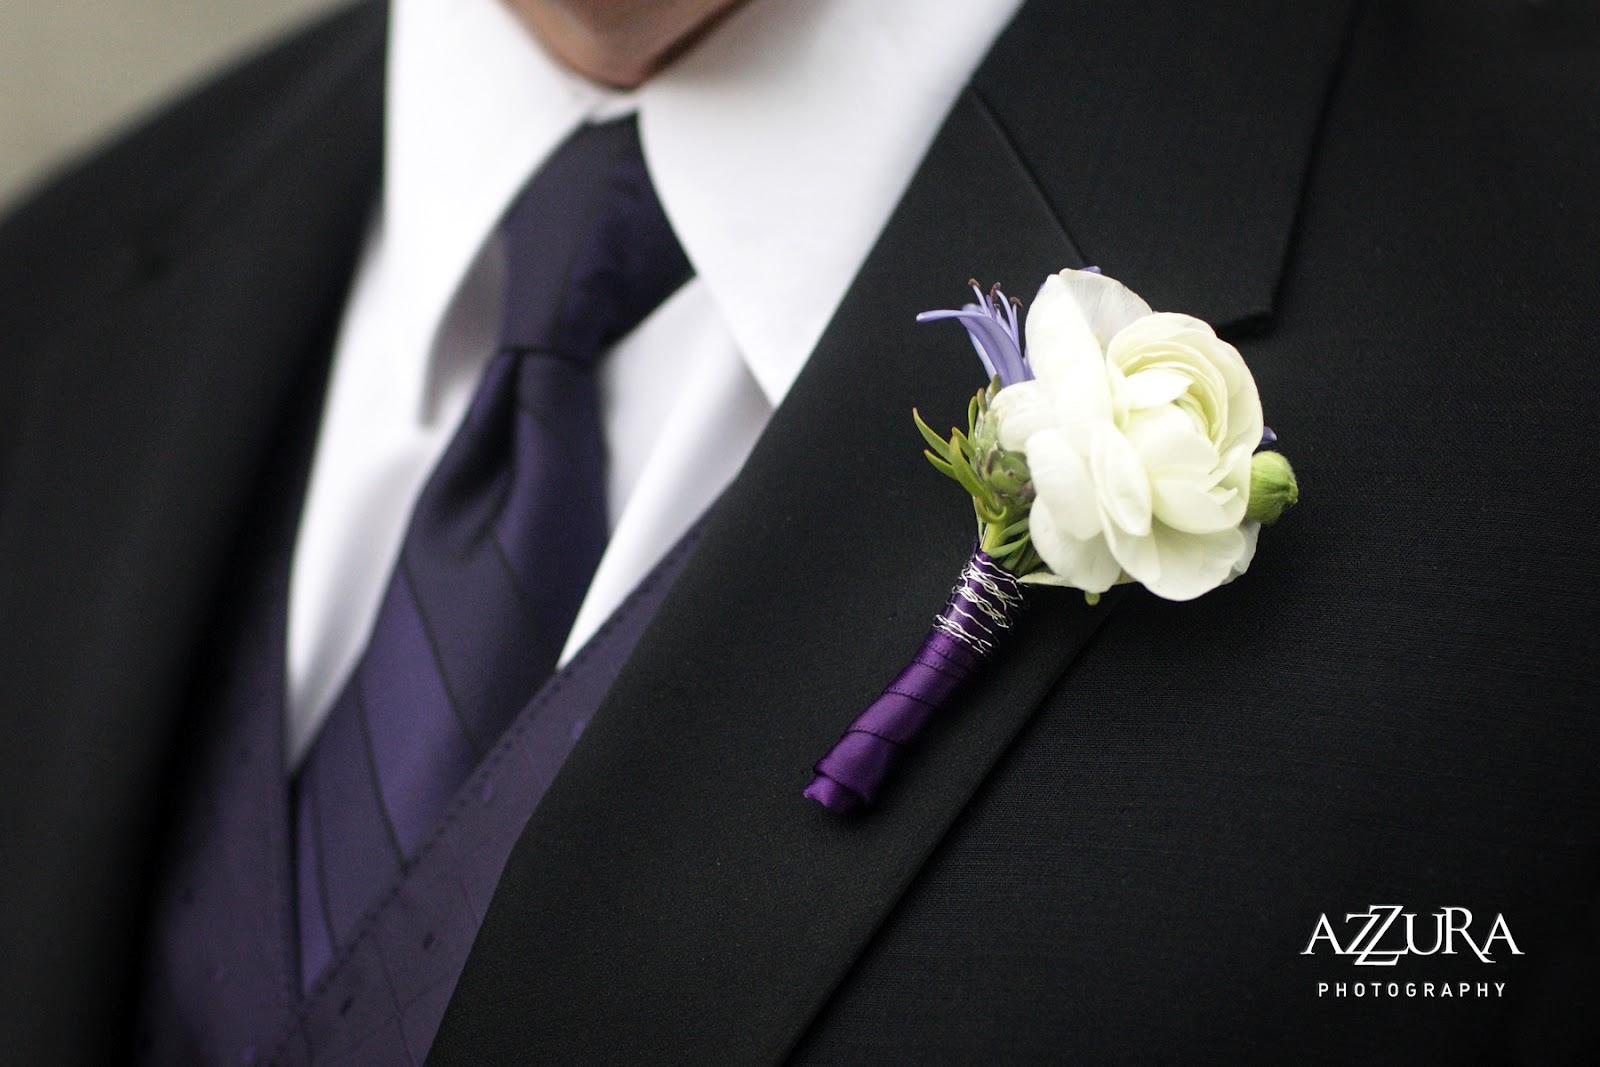 lavender boutonniere - photo #4